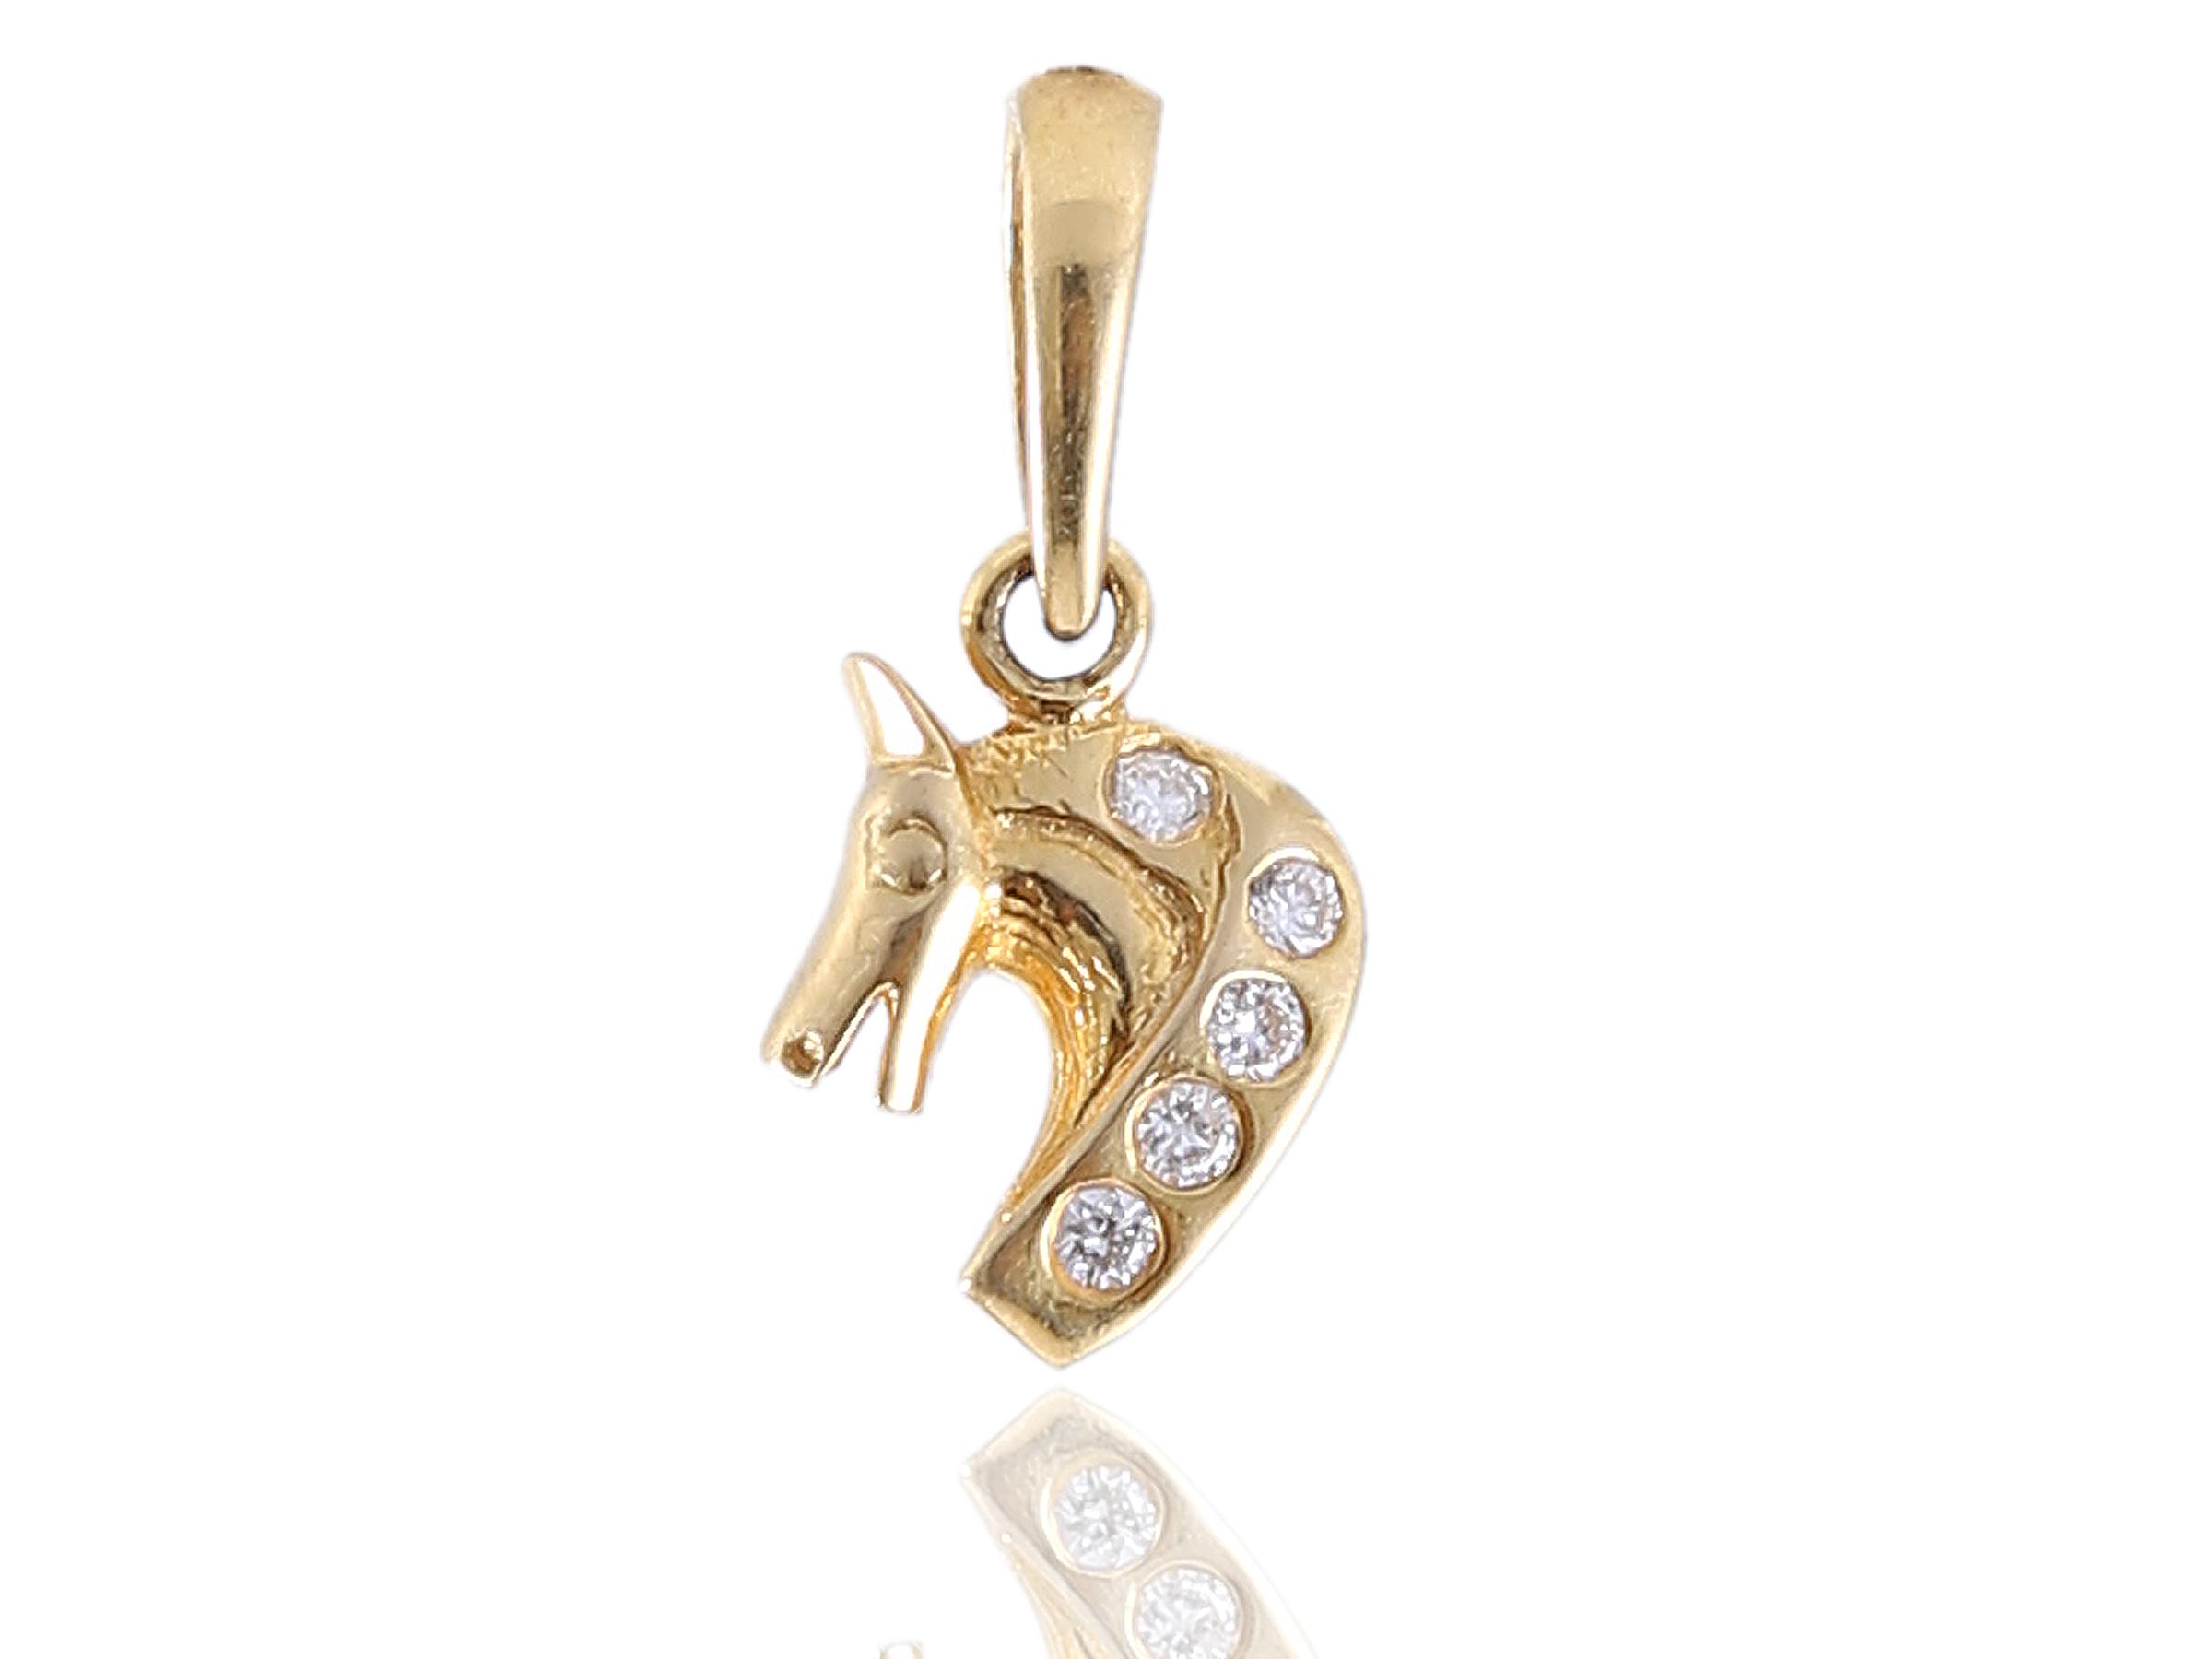 Diamond Pendant In Solid BIS Hallmark 18KT Gold  P 8269